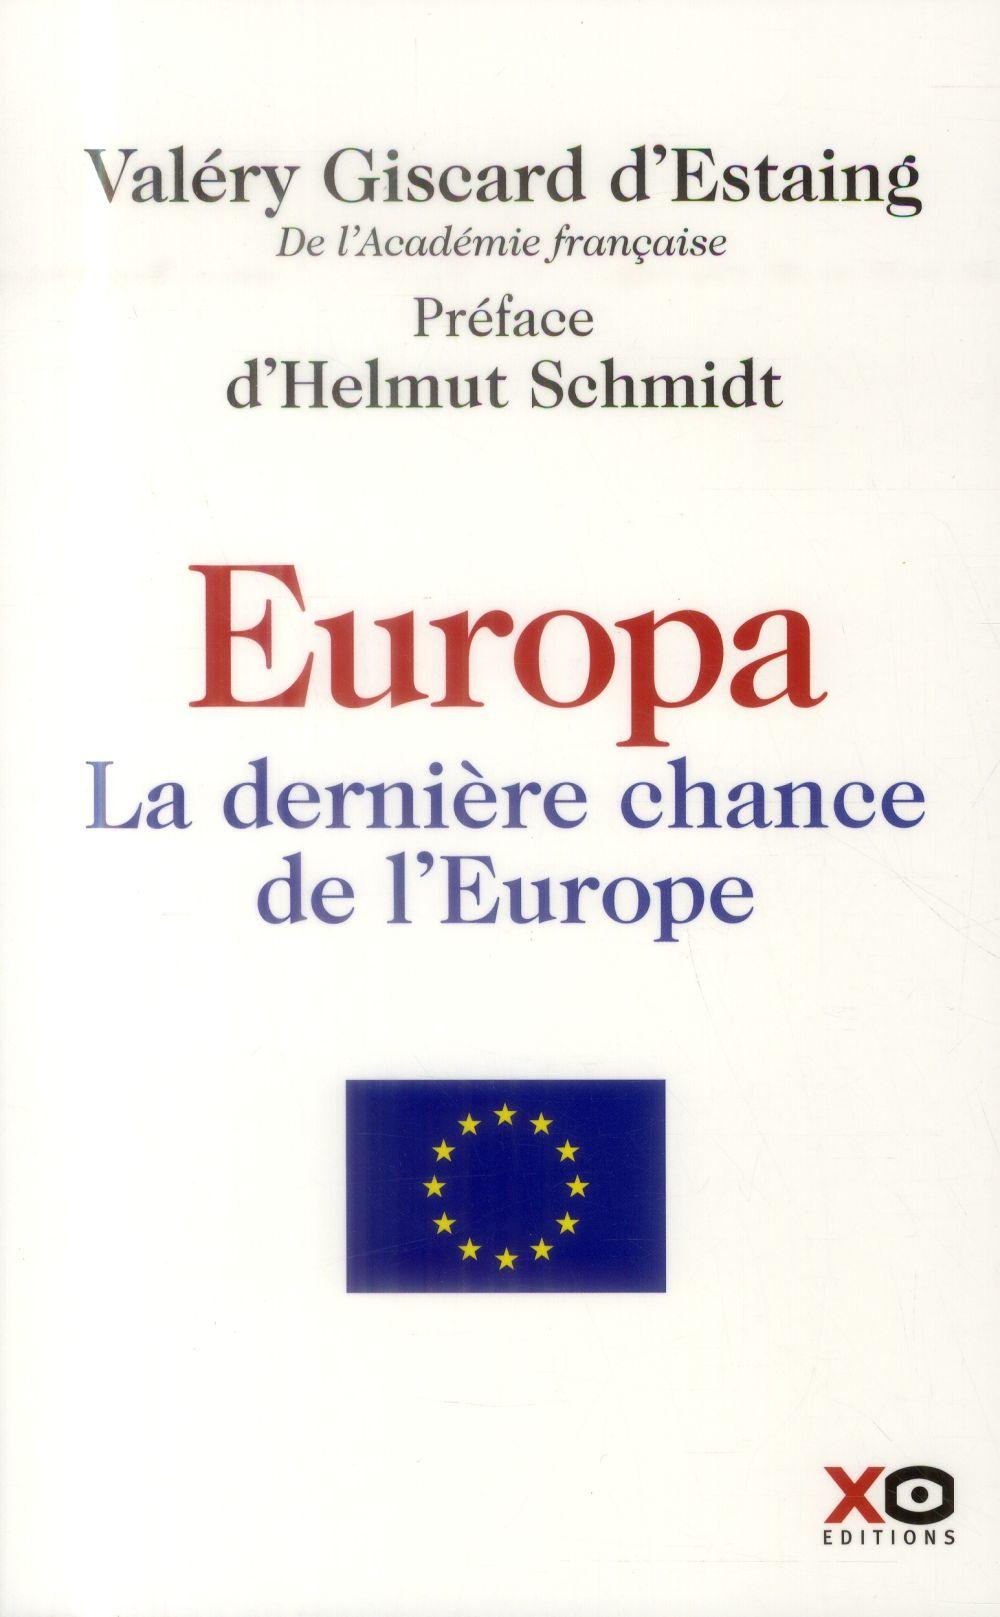 Europa ; la dernière chance de l'Europe